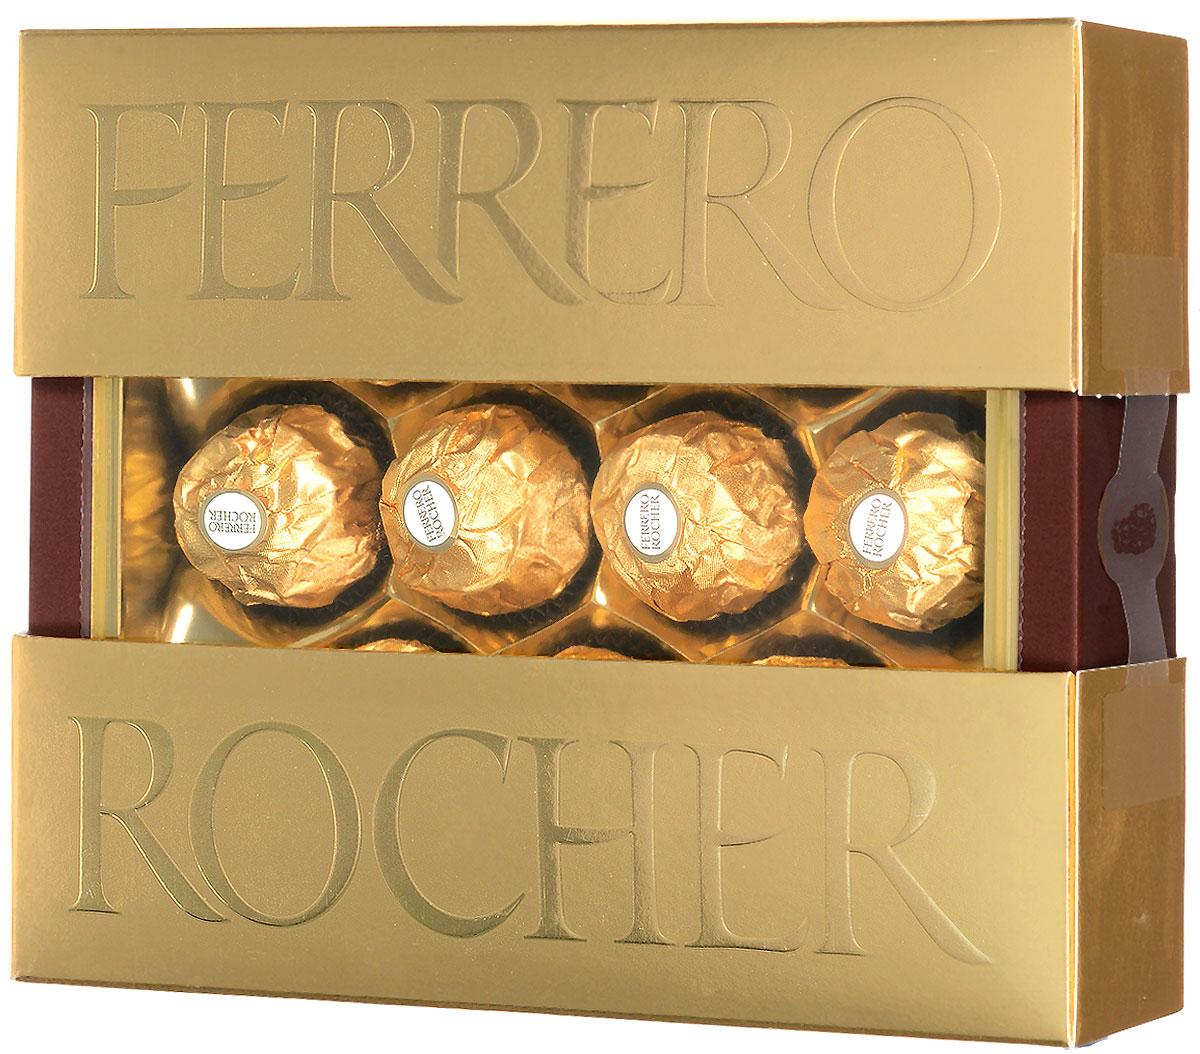 Ferrero Rocher конфеты хрустящие из молочного шоколада, покрытые измельченными орешками, с начинкой из крема и лесного ореха, 125 г77116559/77107191/77099227Ferrero Rocher - это отборный цельный лесной орех в окружении молочного шоколада и нежного орехового крема, заключенные в хрустящую вафельную оболочку, покрытую шоколадно-ореховой крошкой.Уважаемые клиенты! Обращаем ваше внимание, что полный перечень состава продукта представлен на дополнительном изображении.